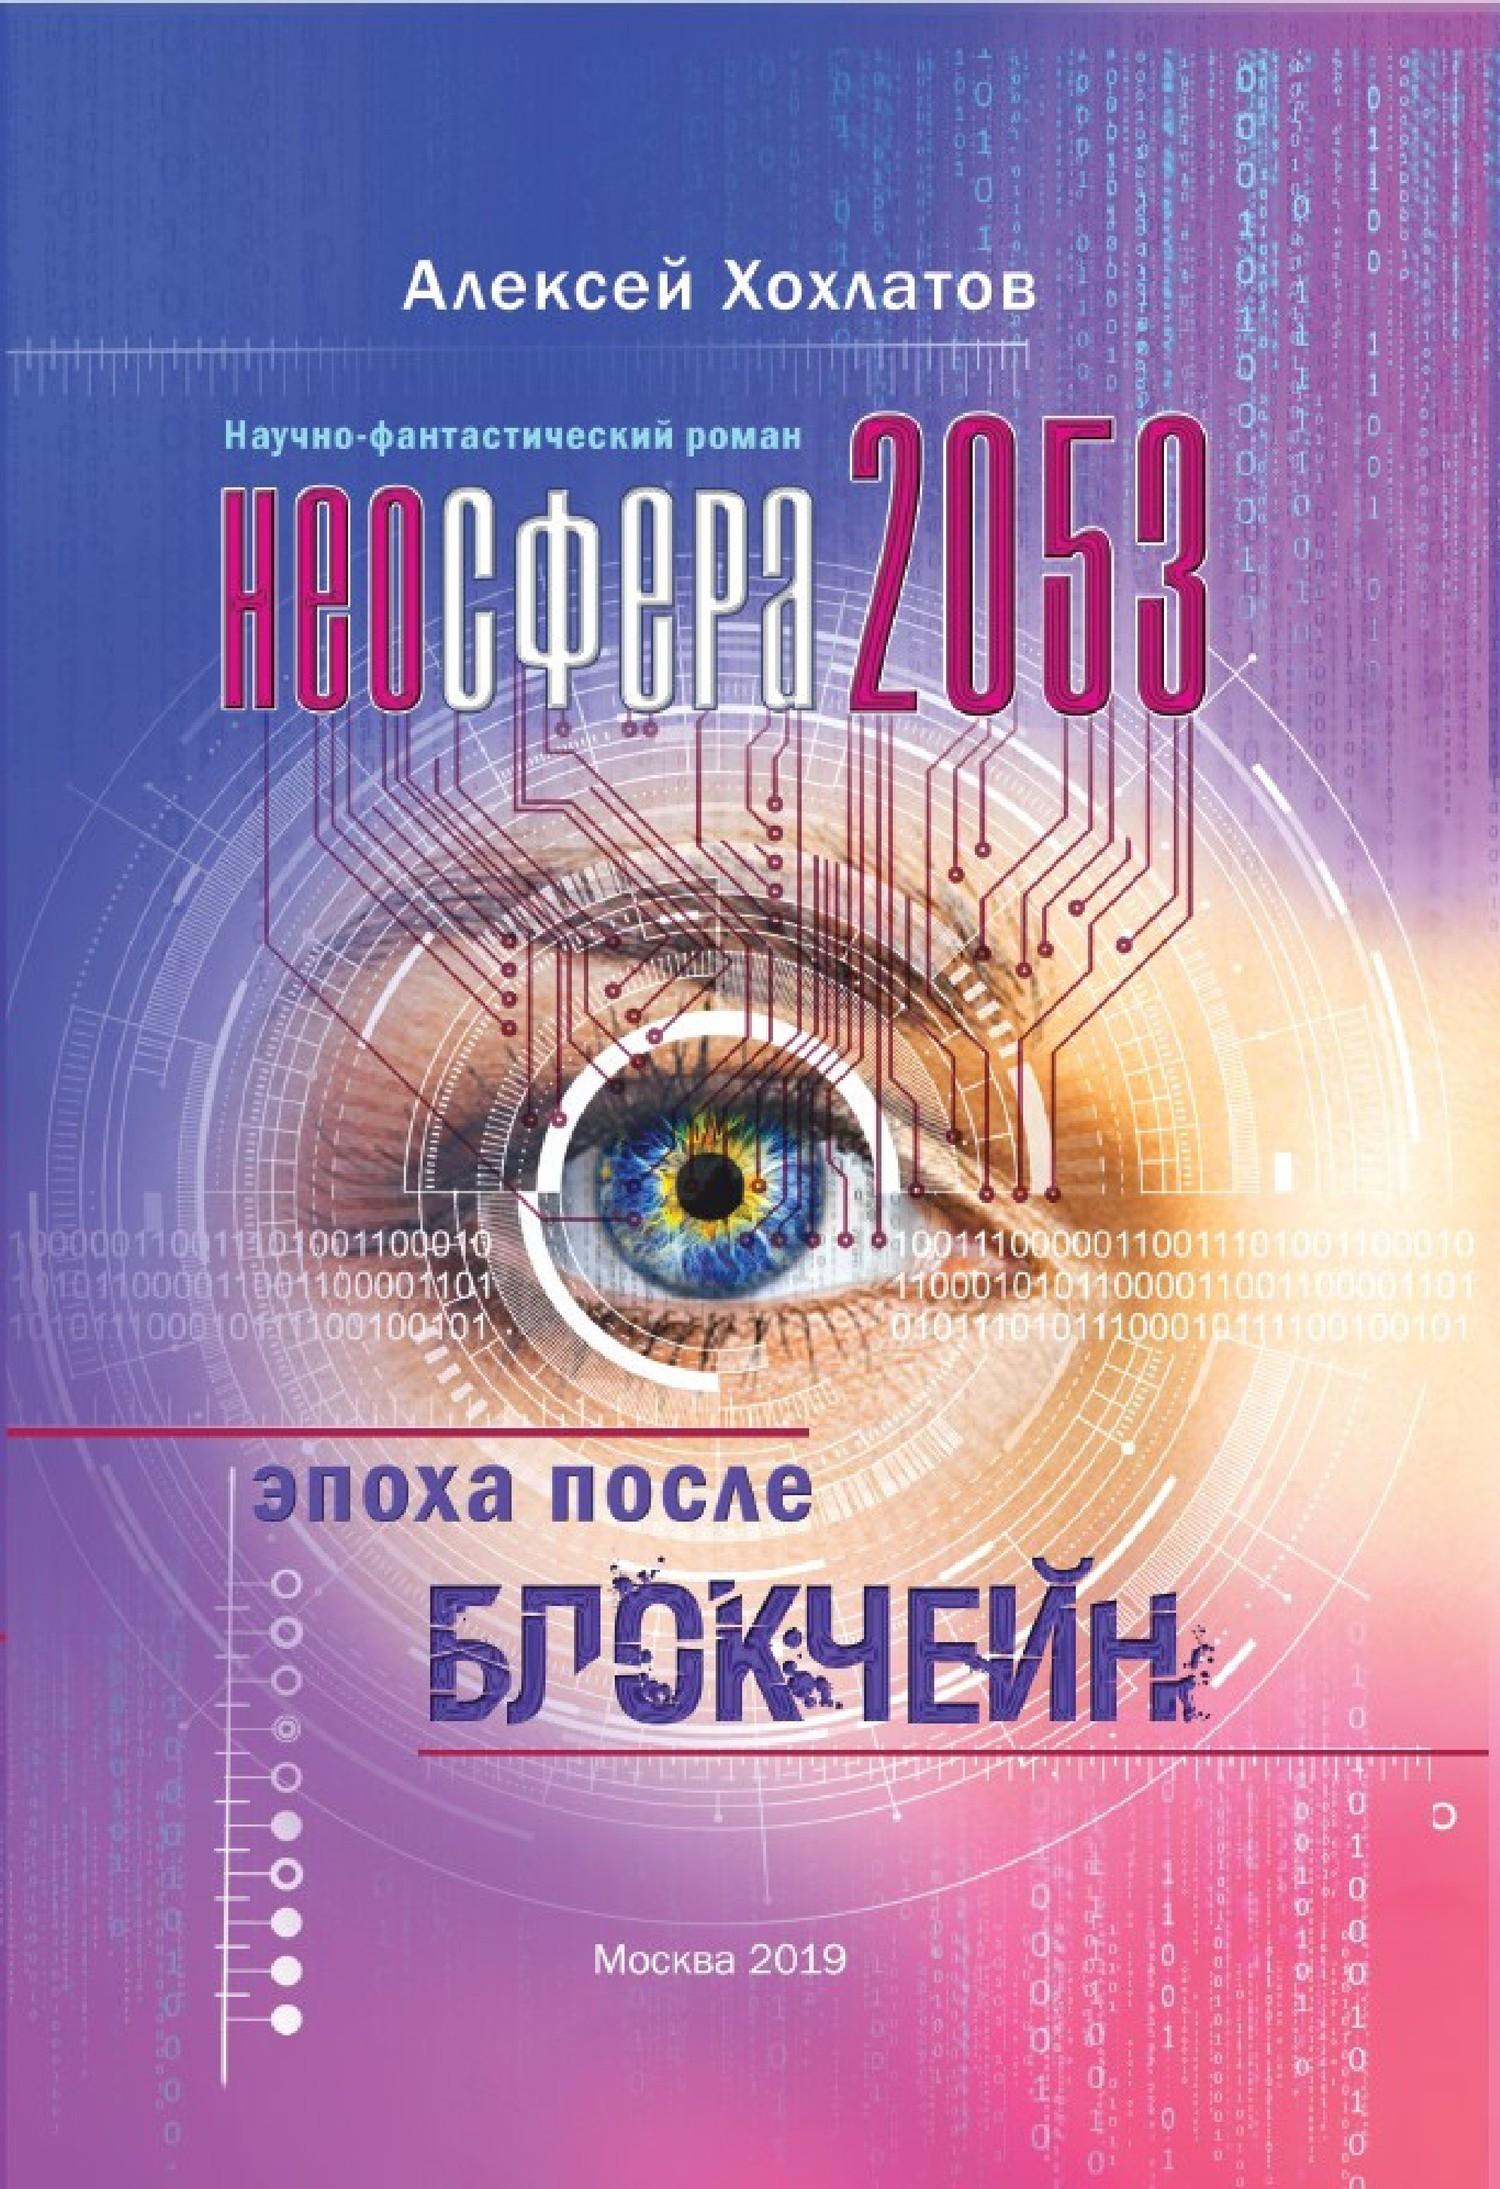 Алексей Хохлатов - Неосфера 2053. Эпоха после блокчейн